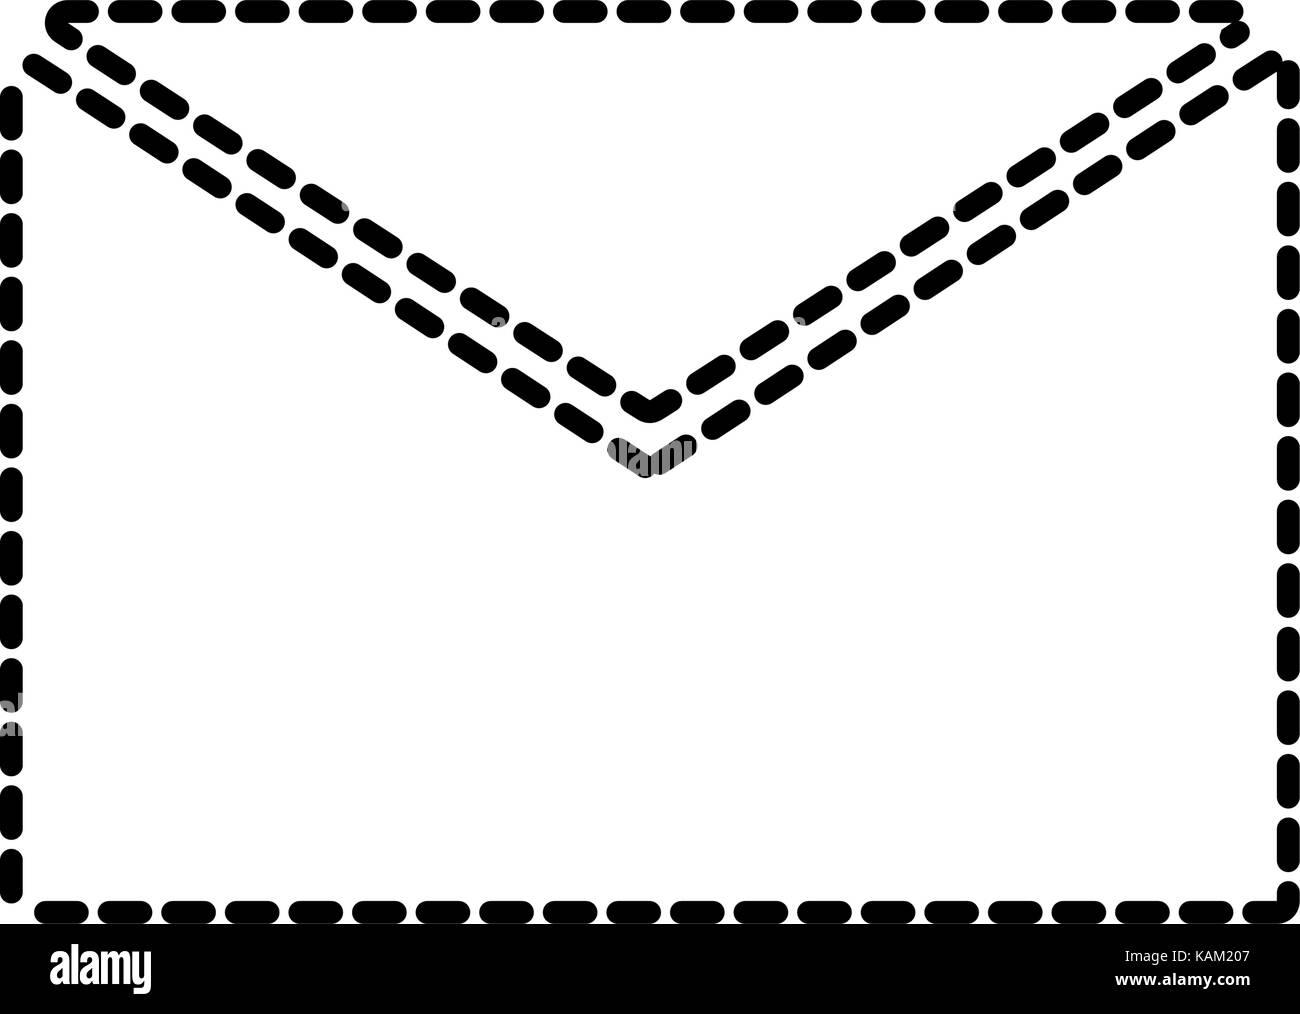 envelope sticker vector illustration stock vector art illustration